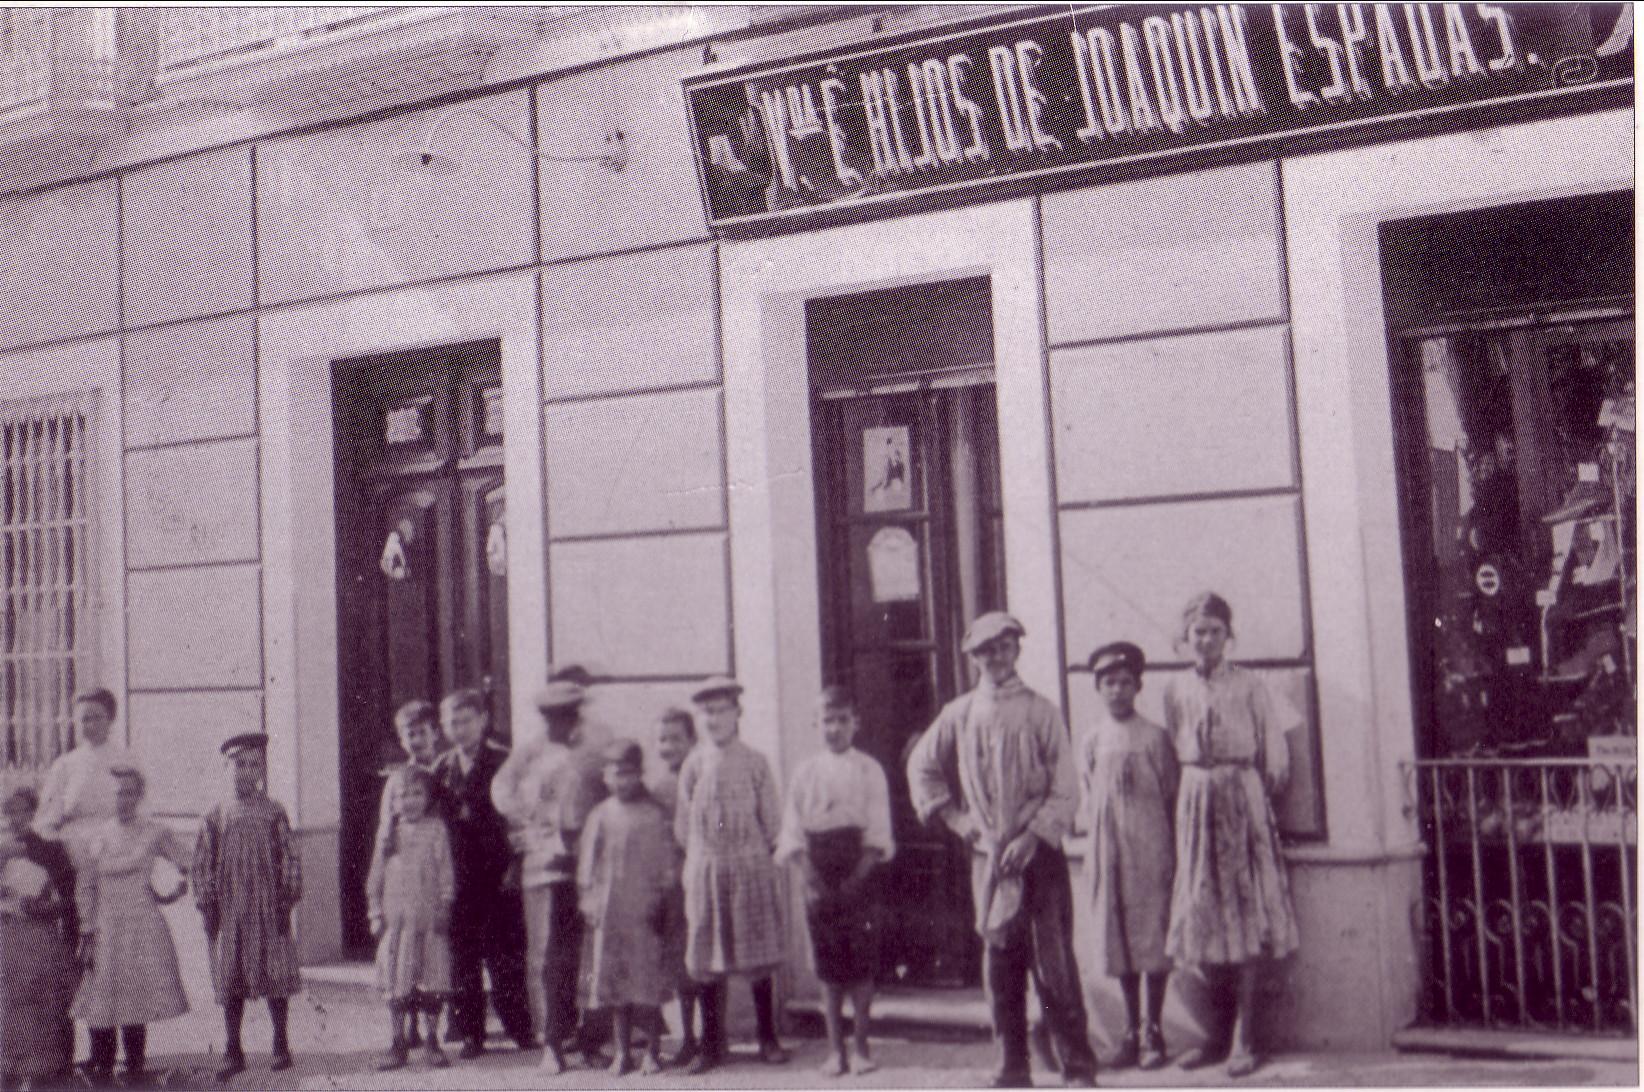 Zapatería Viuda e hijos de Joaquín Espadas. 1935